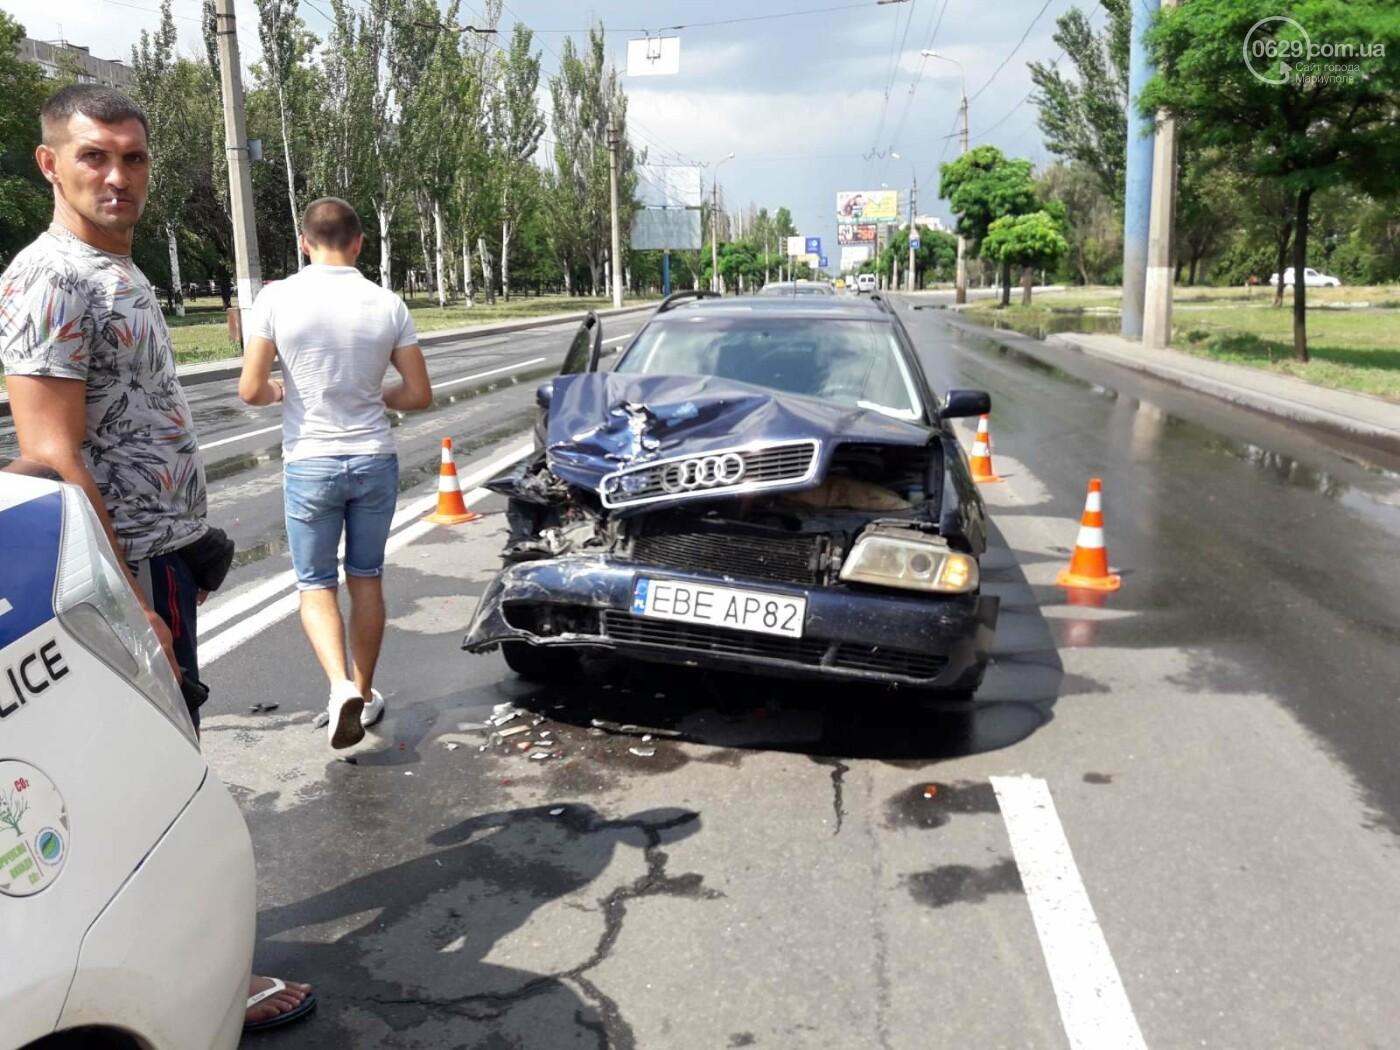 В Мариуполе Audi на полном ходу врезался в ВАЗ. Есть пострадавший, - ФОТО, фото-5